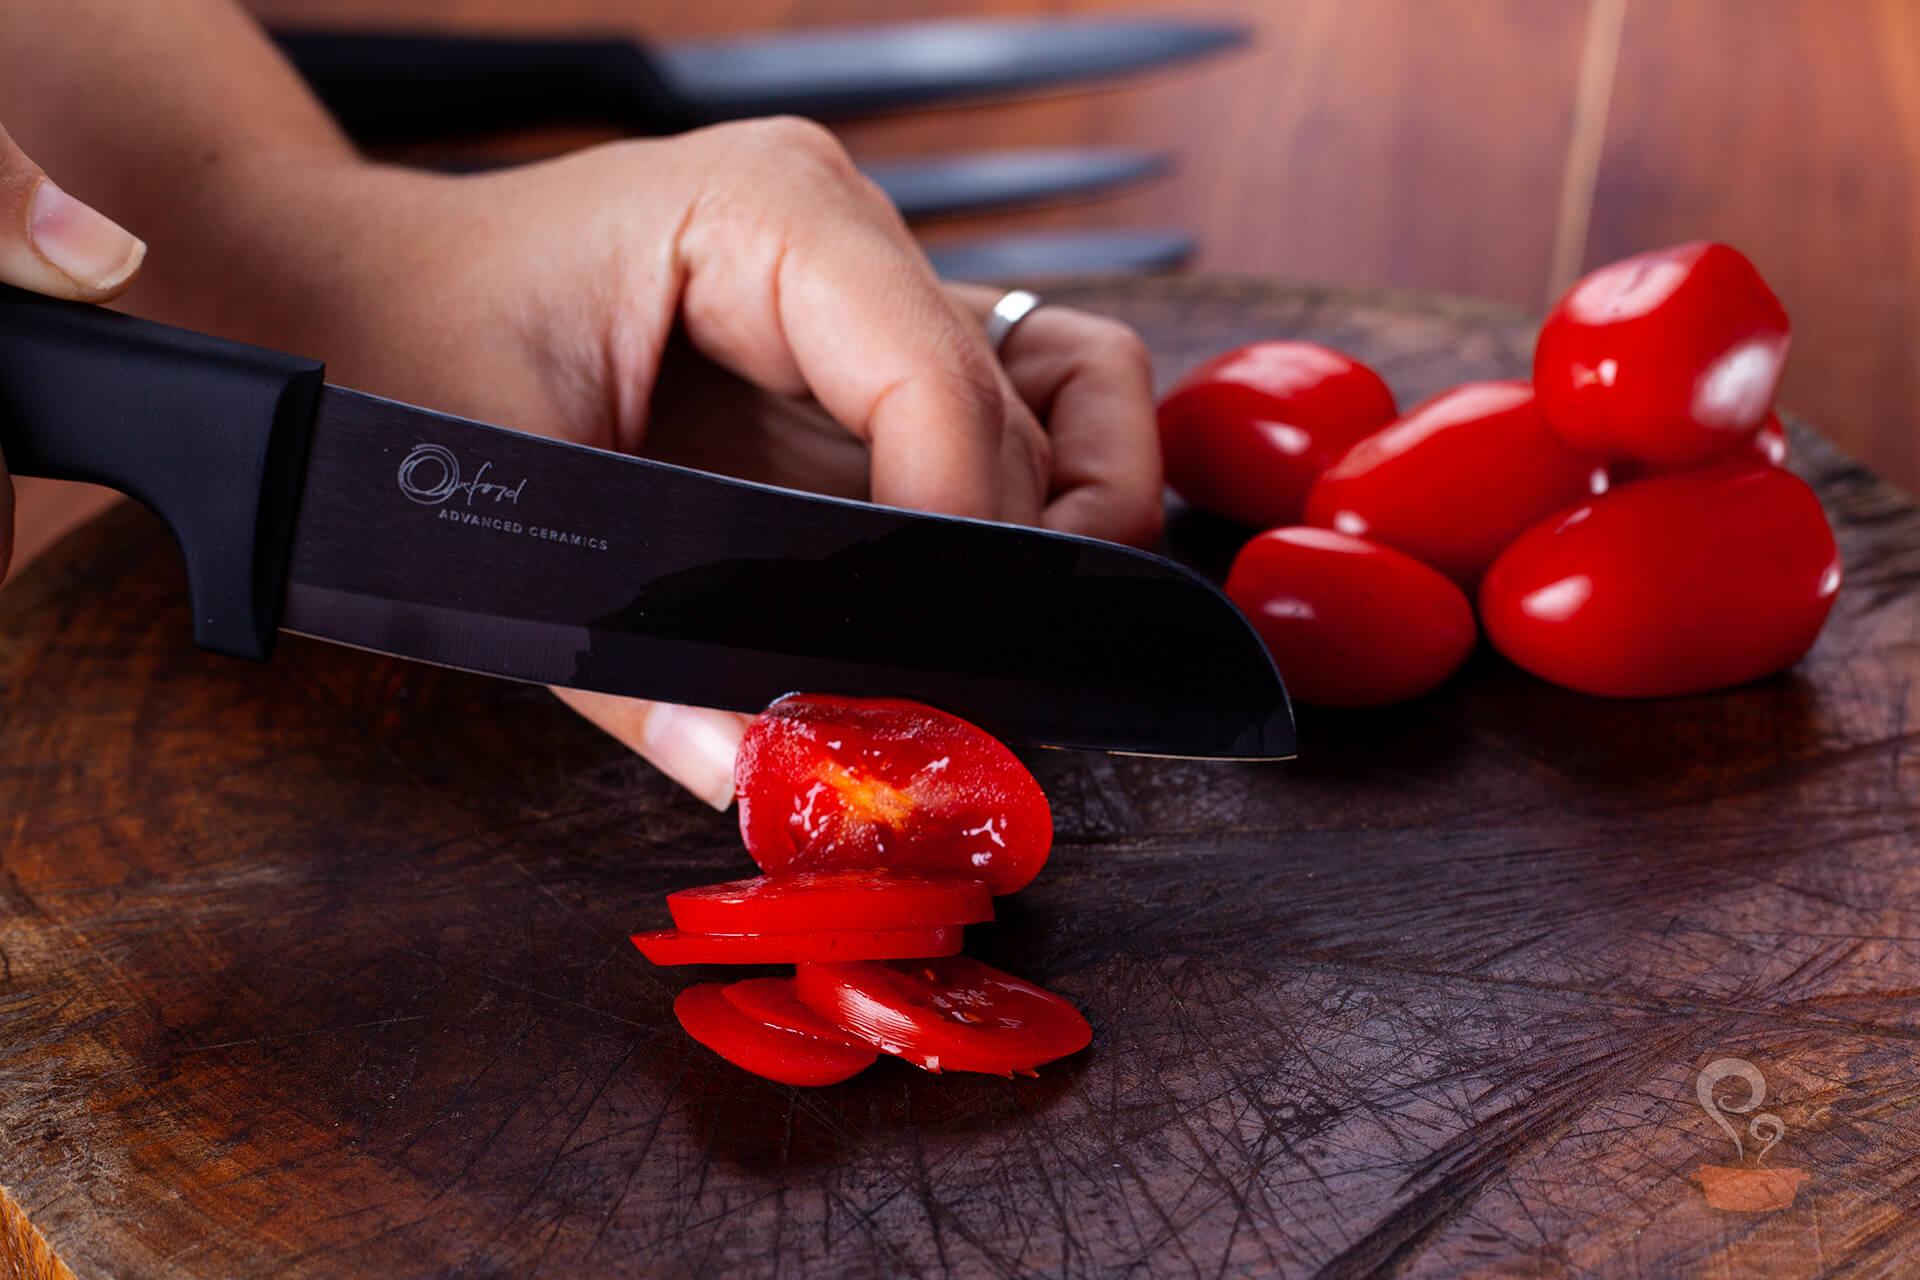 Tipos de facas - foto: naminhapanela.com